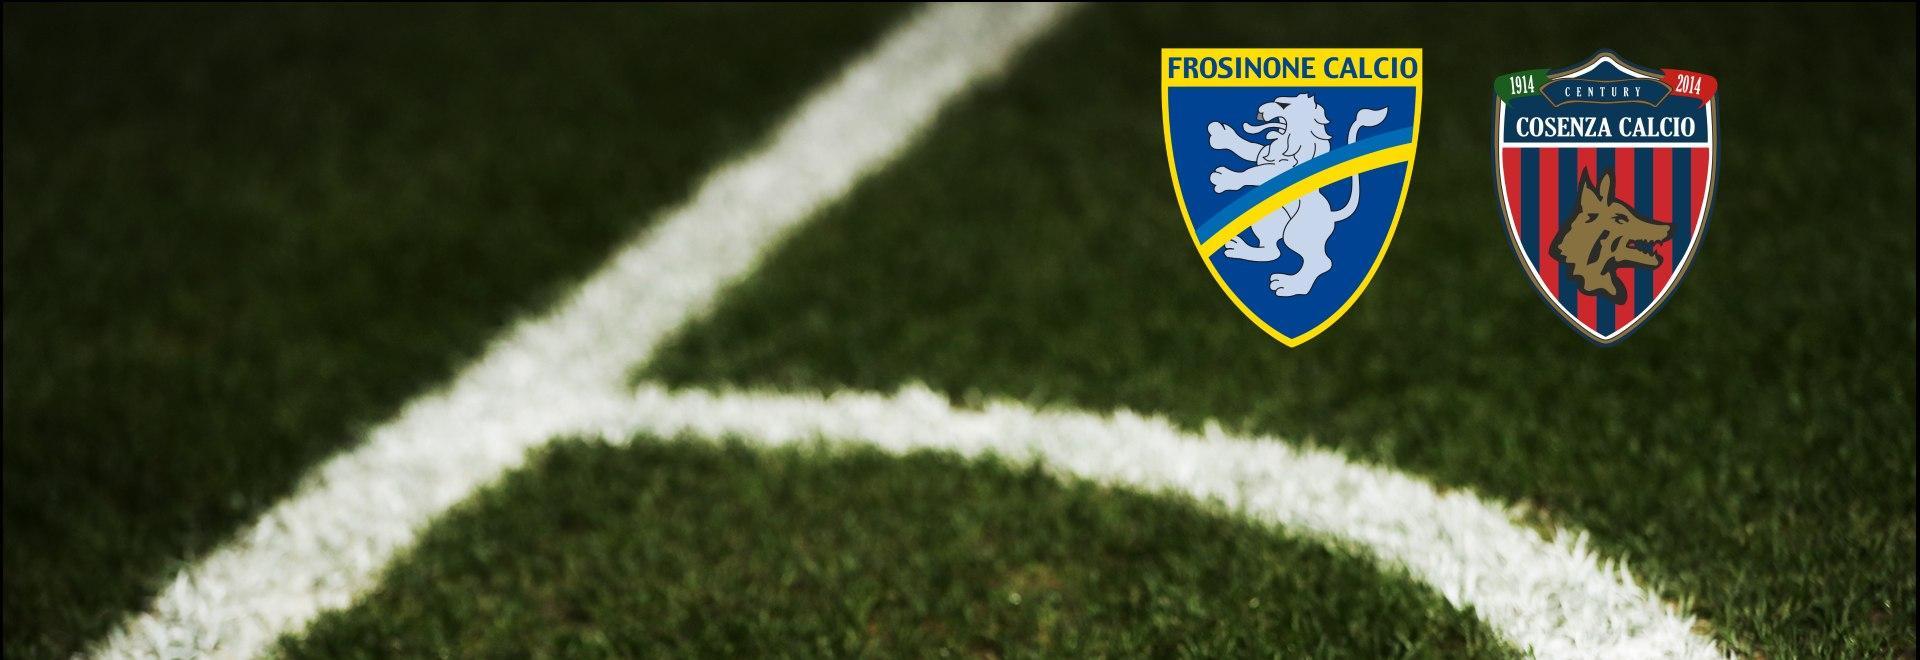 Frosinone - Cosenza. 8a g.